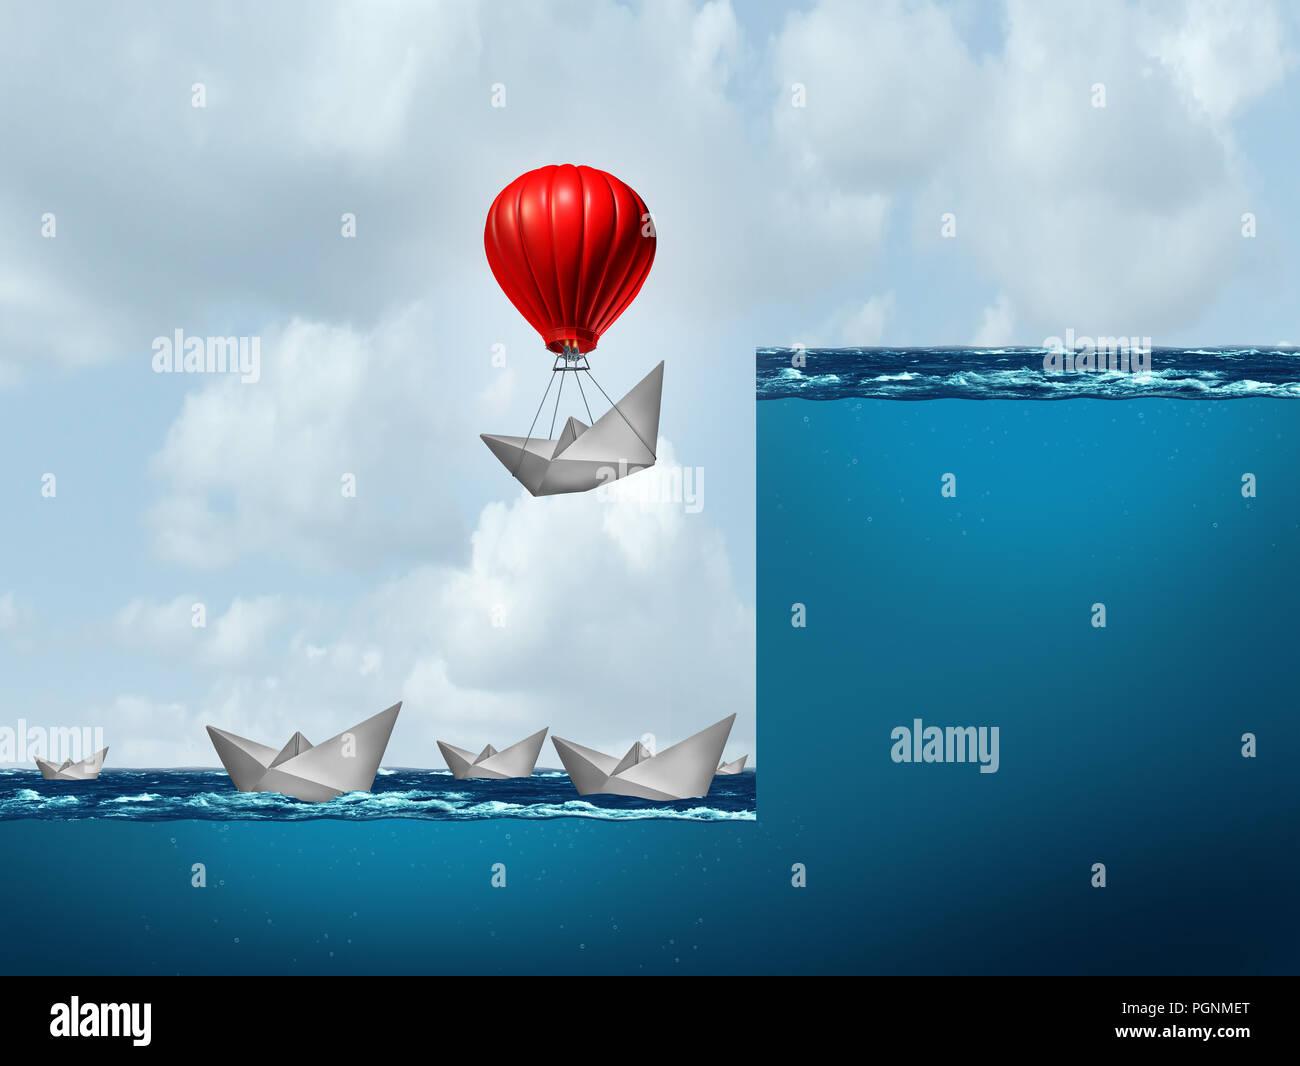 Il concetto di leadership aziendale come una potenza strategia di successo metafora concettuale. Immagini Stock